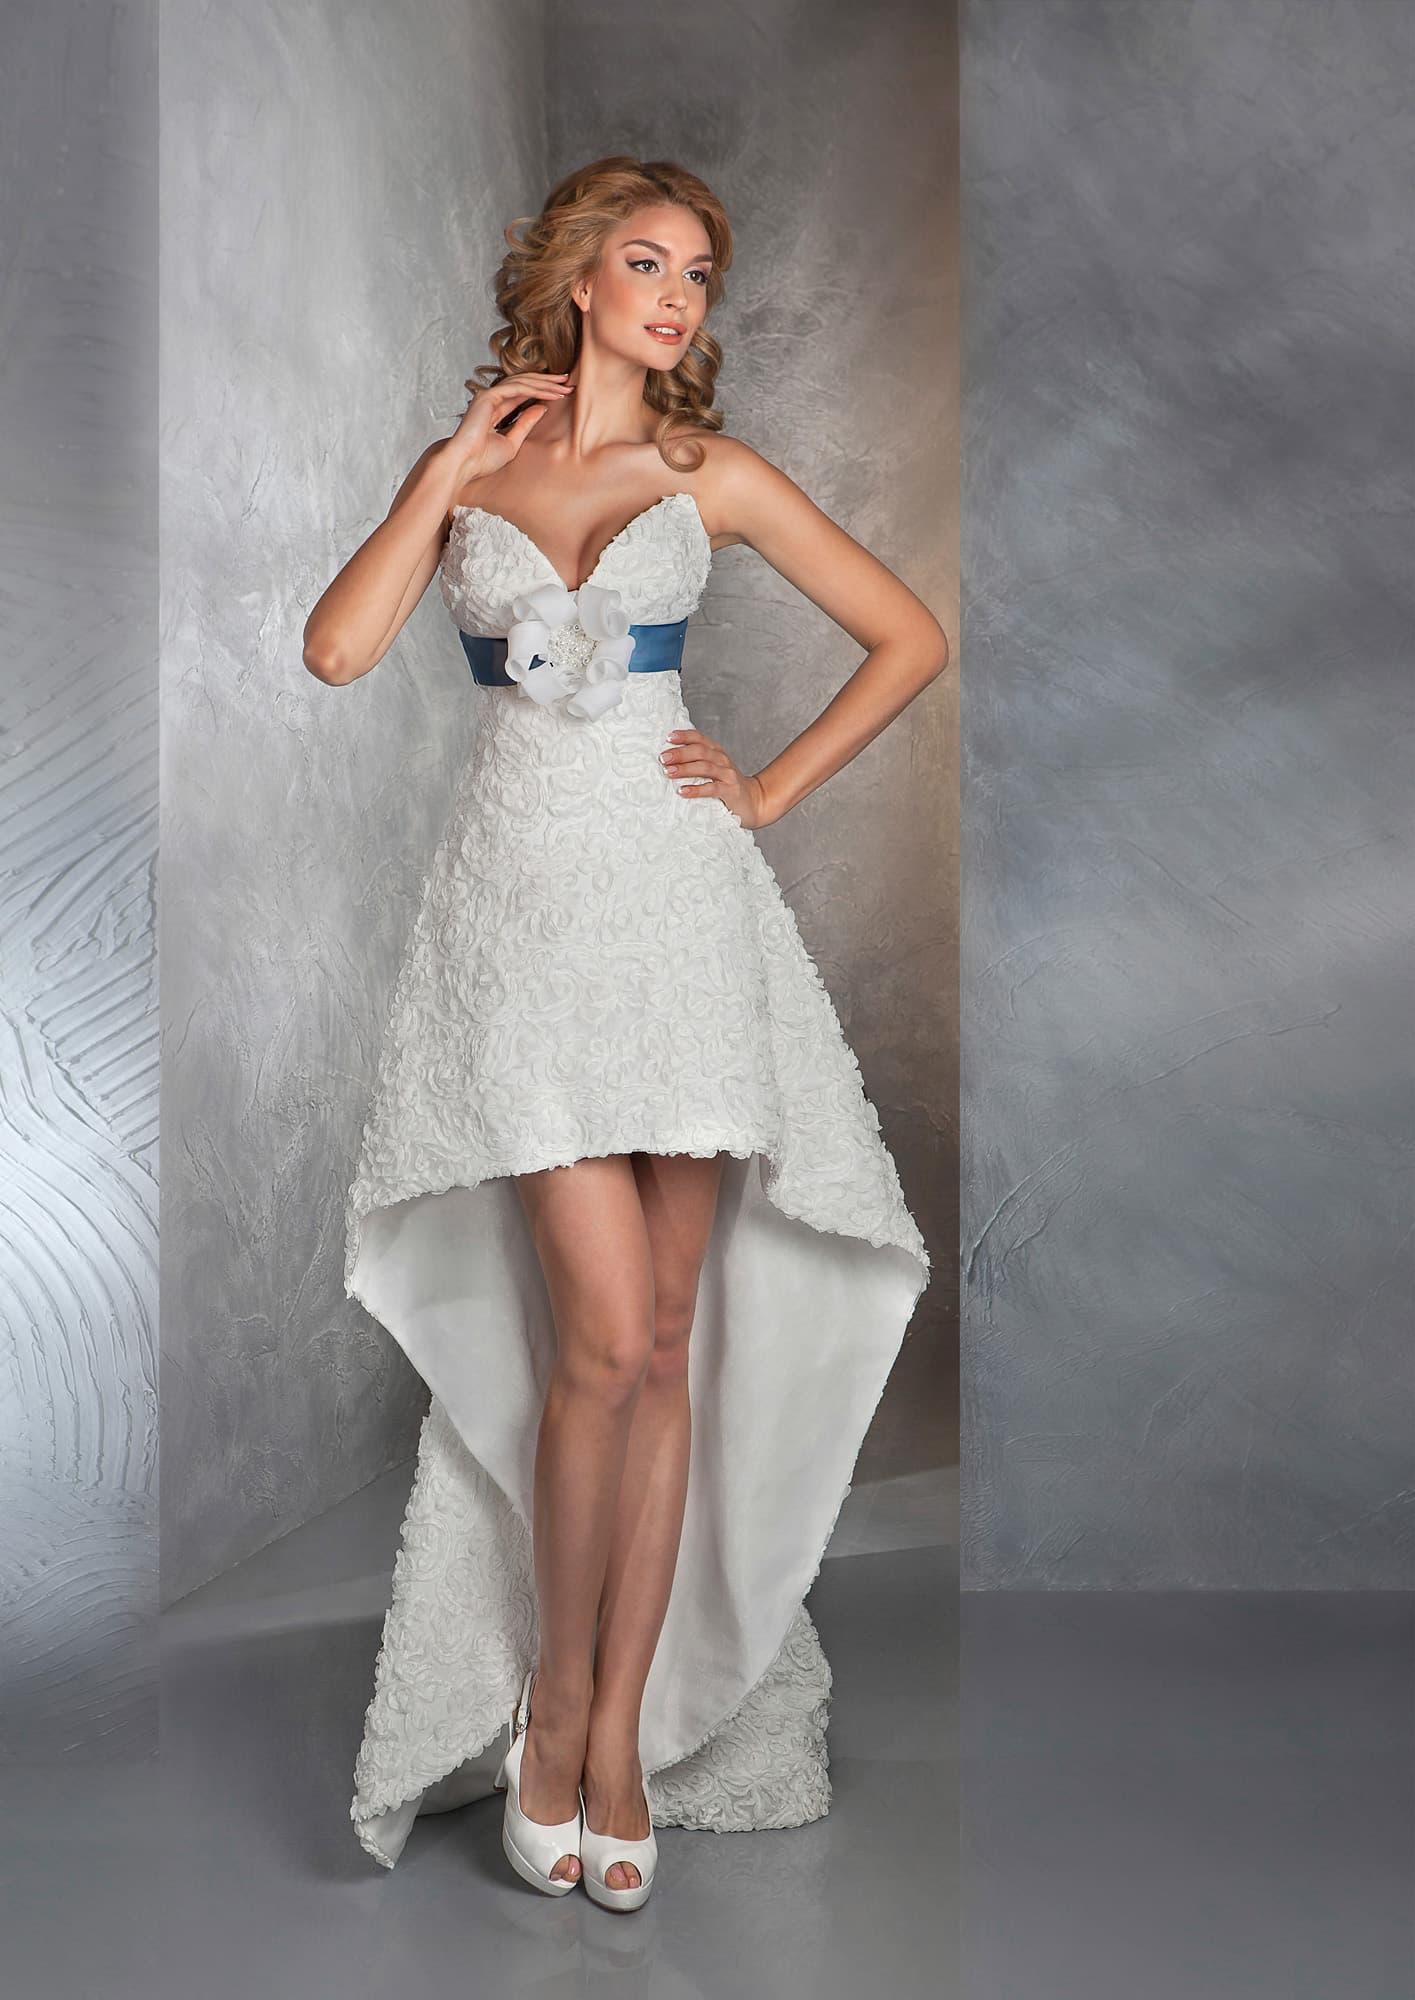 Cзади длинное платье, а спереди короткое